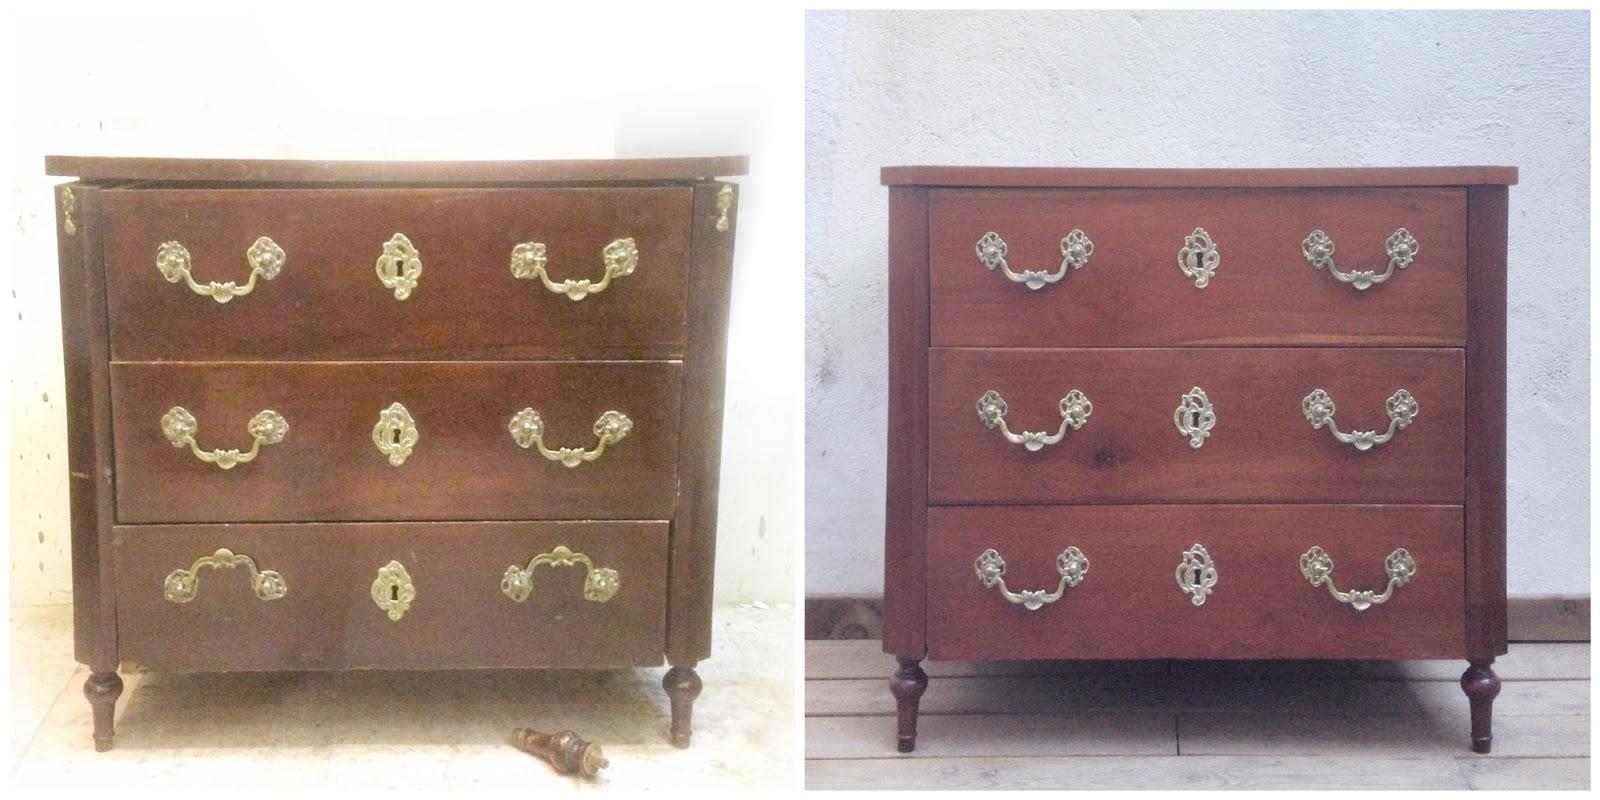 Antes y después - una cajonera restaurada